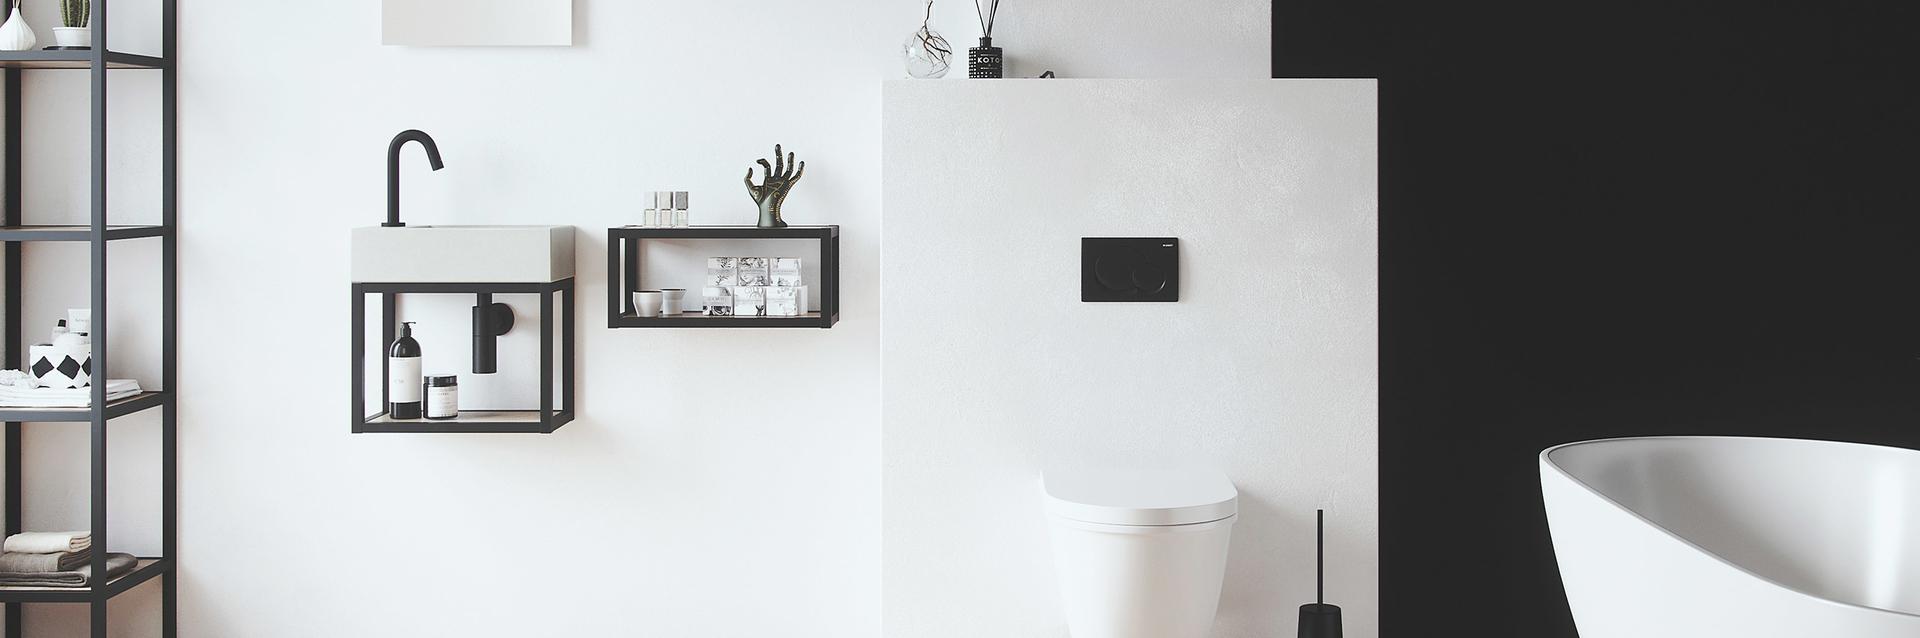 Verrassend Wastafel voor de wc - ook met toiletkastje - Aangenaam Badkamers YP-35